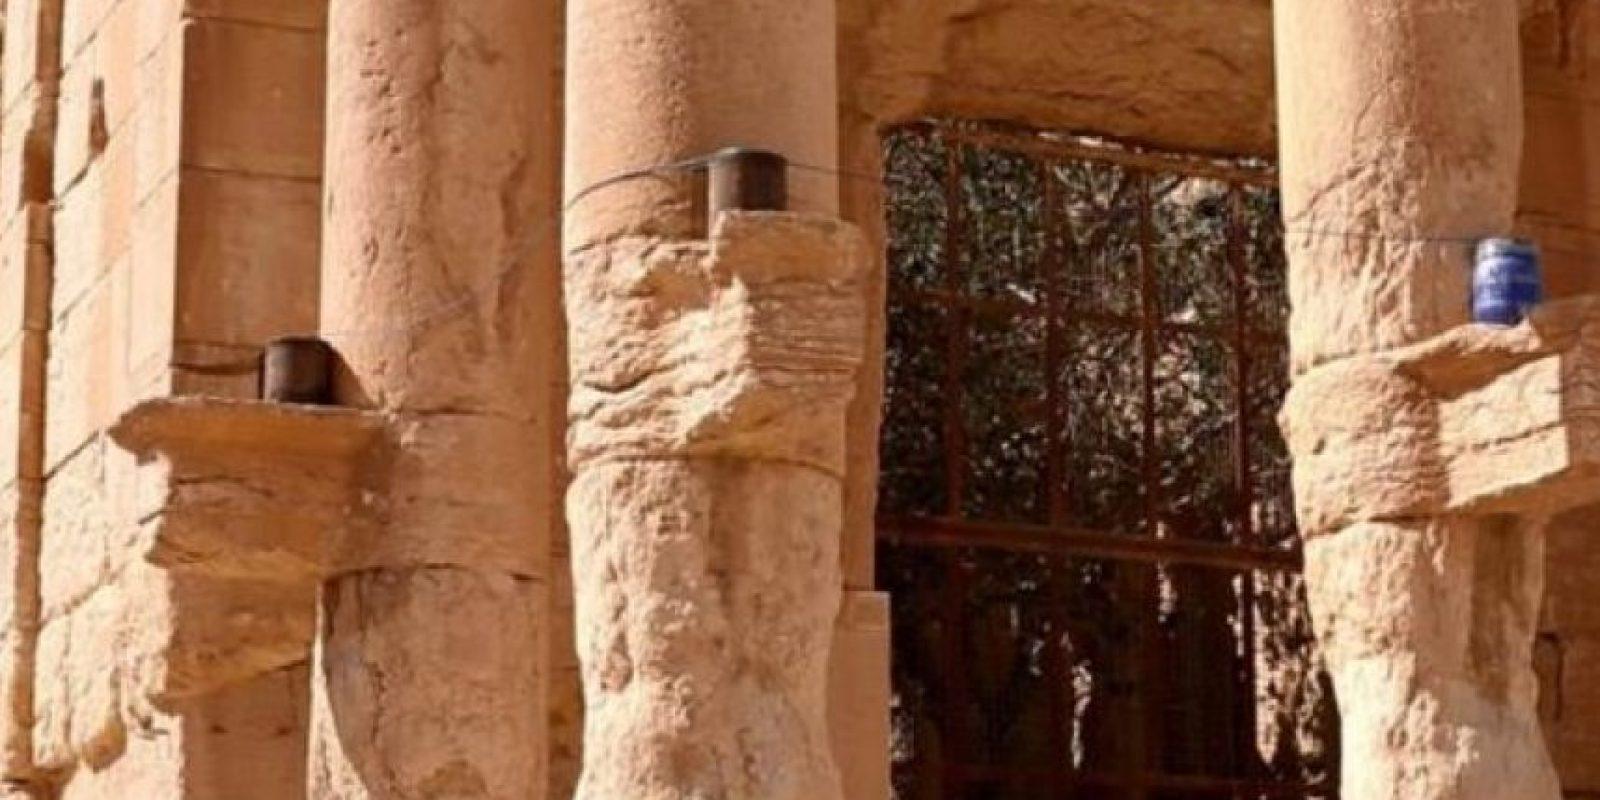 Los acomodaron alrededor del templo Foto:Estado Islámico